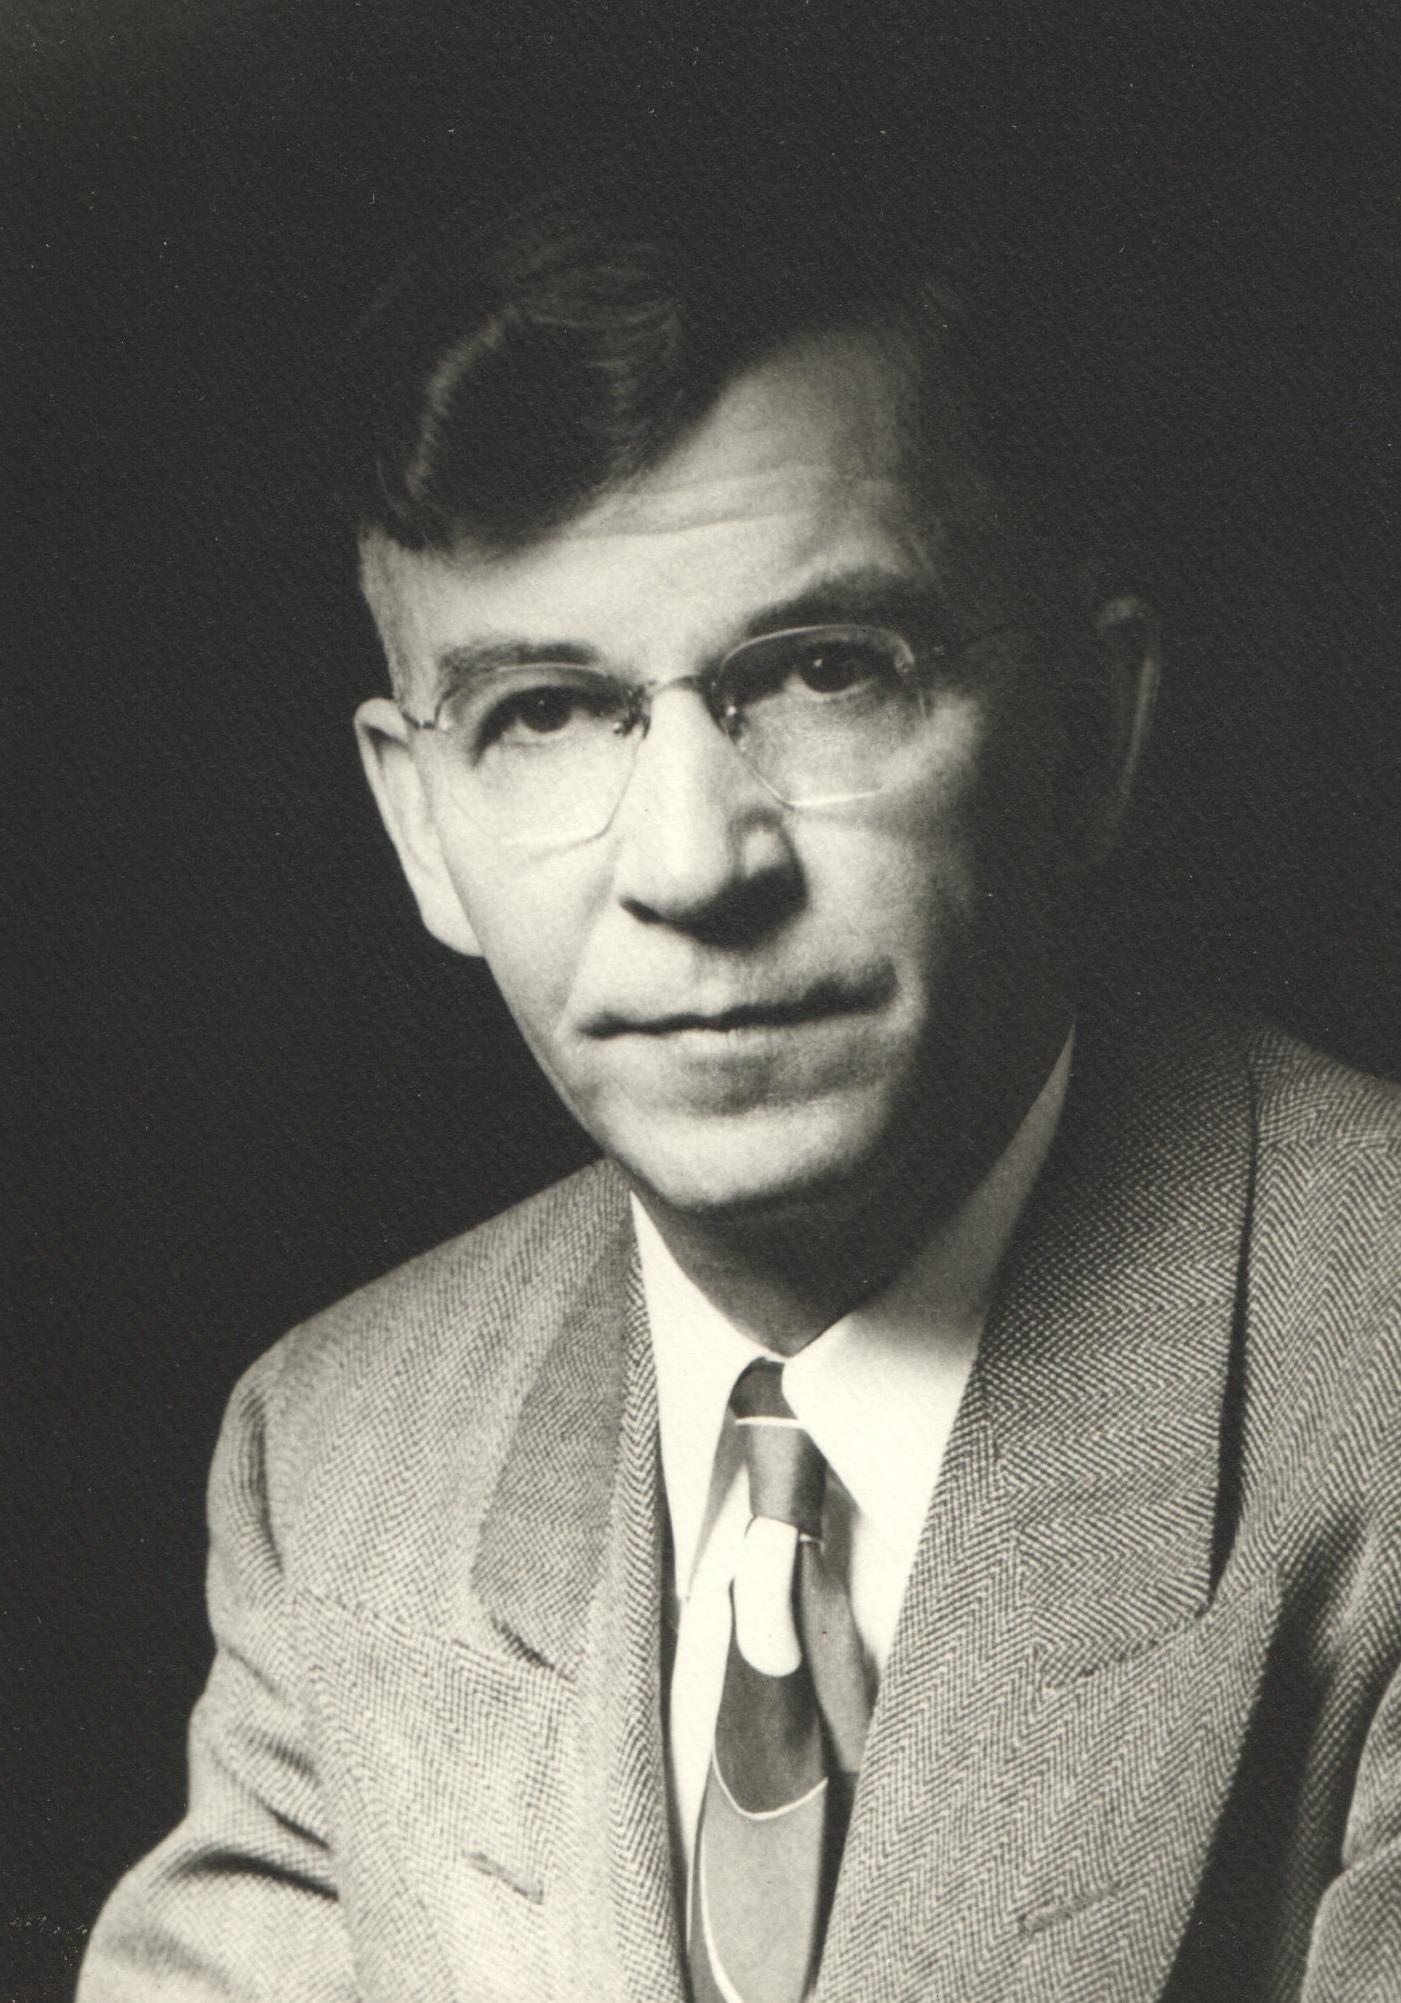 1934 John C. Ritter